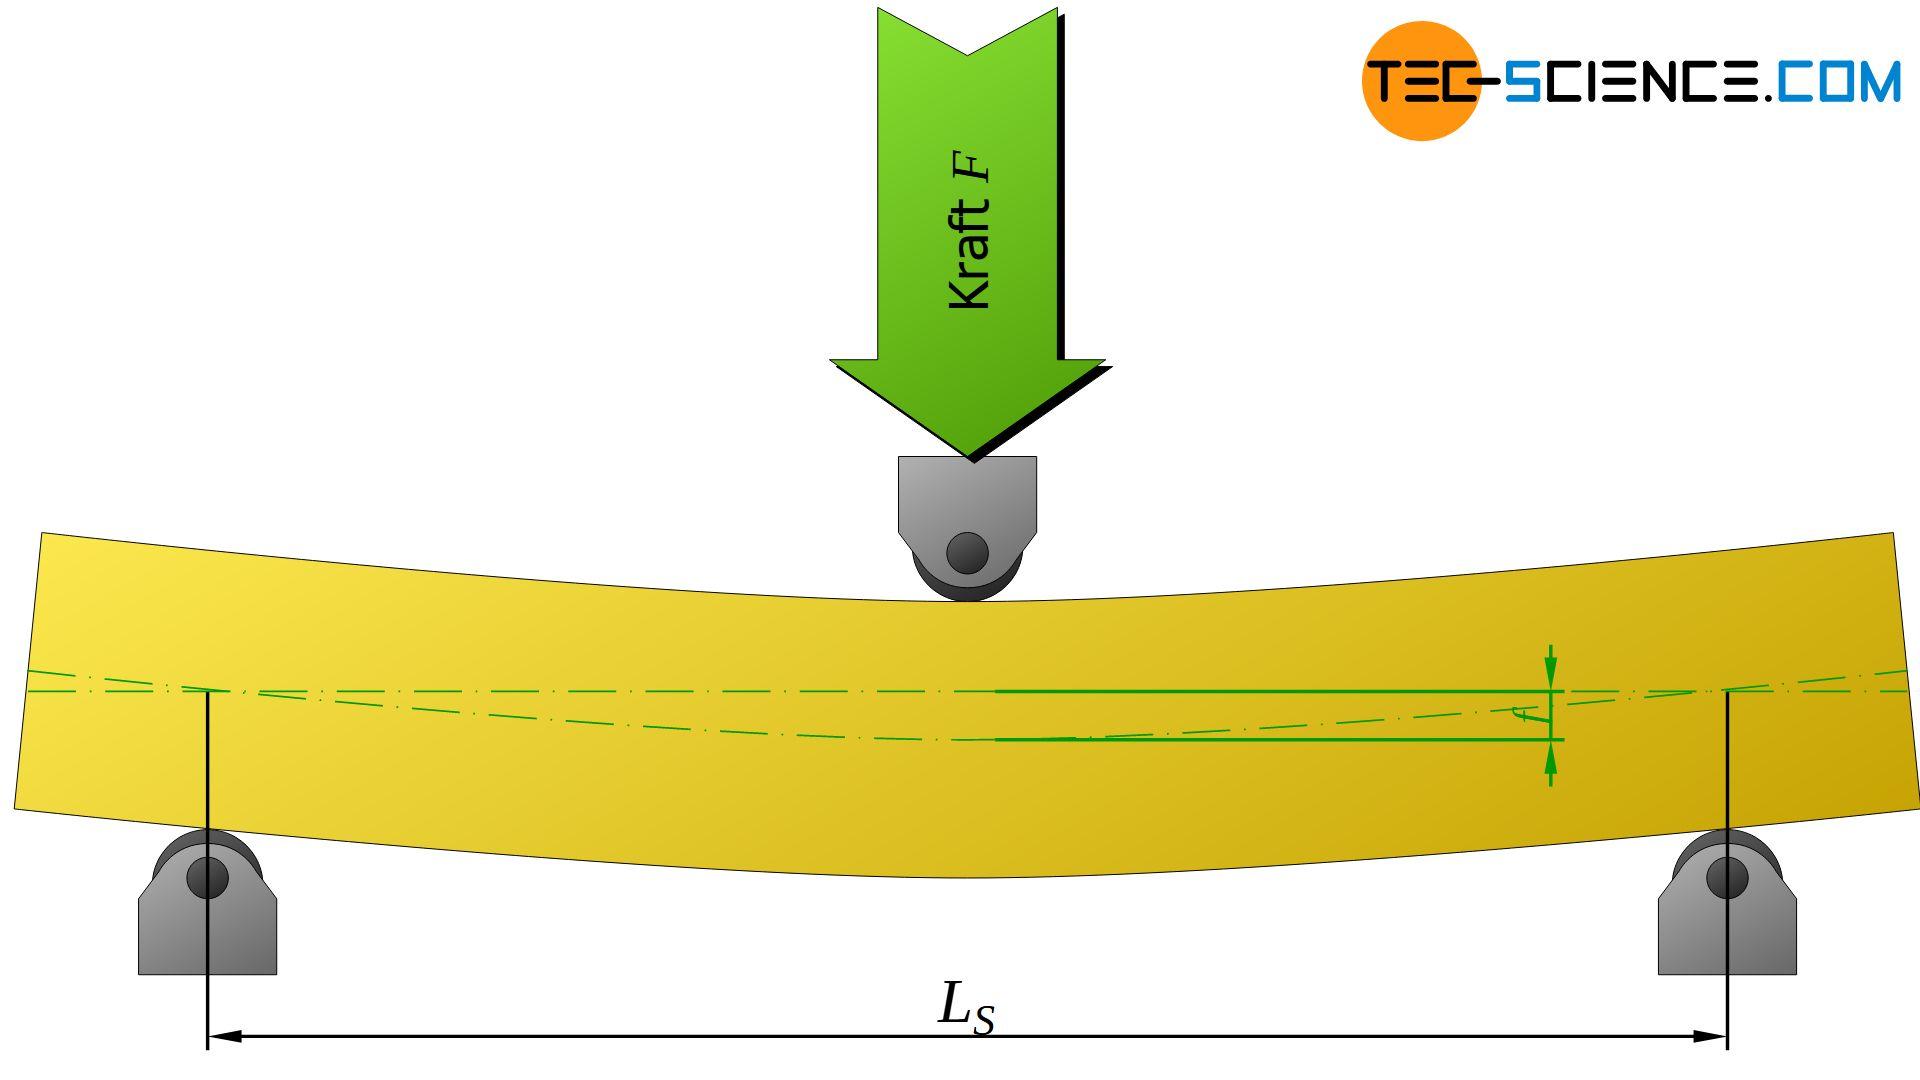 Bestimmung des E-Moduls anhand der Durchbiegung